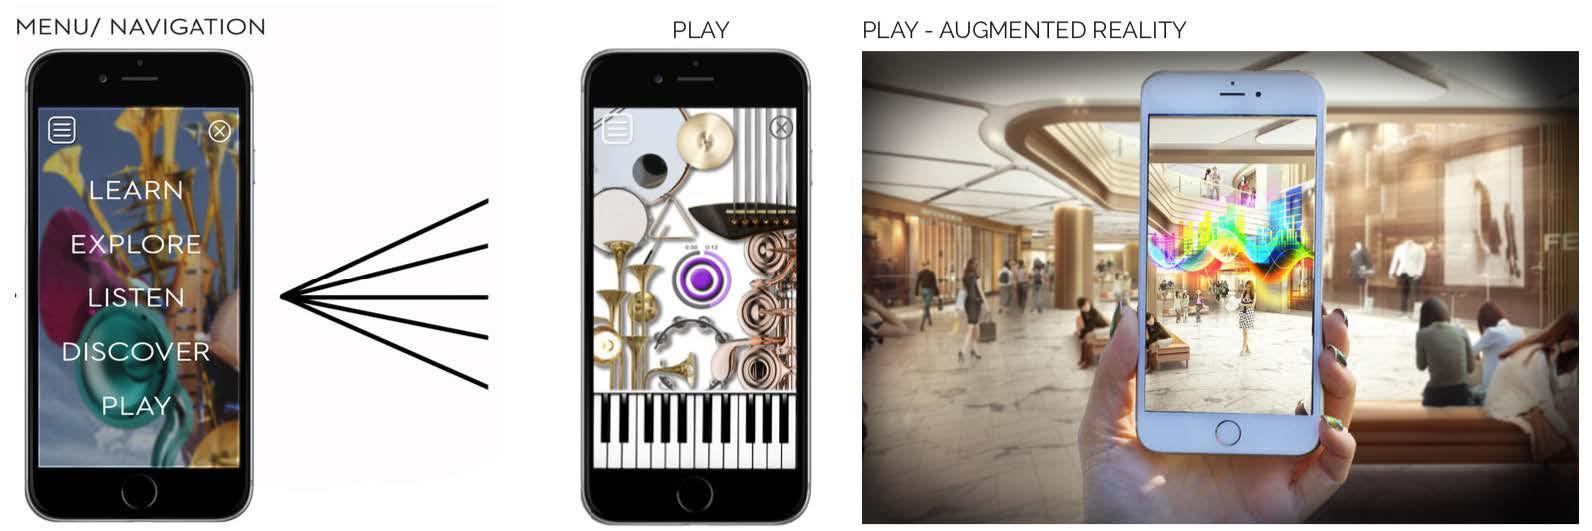 MusicMachine_InteractiveApp.jpg